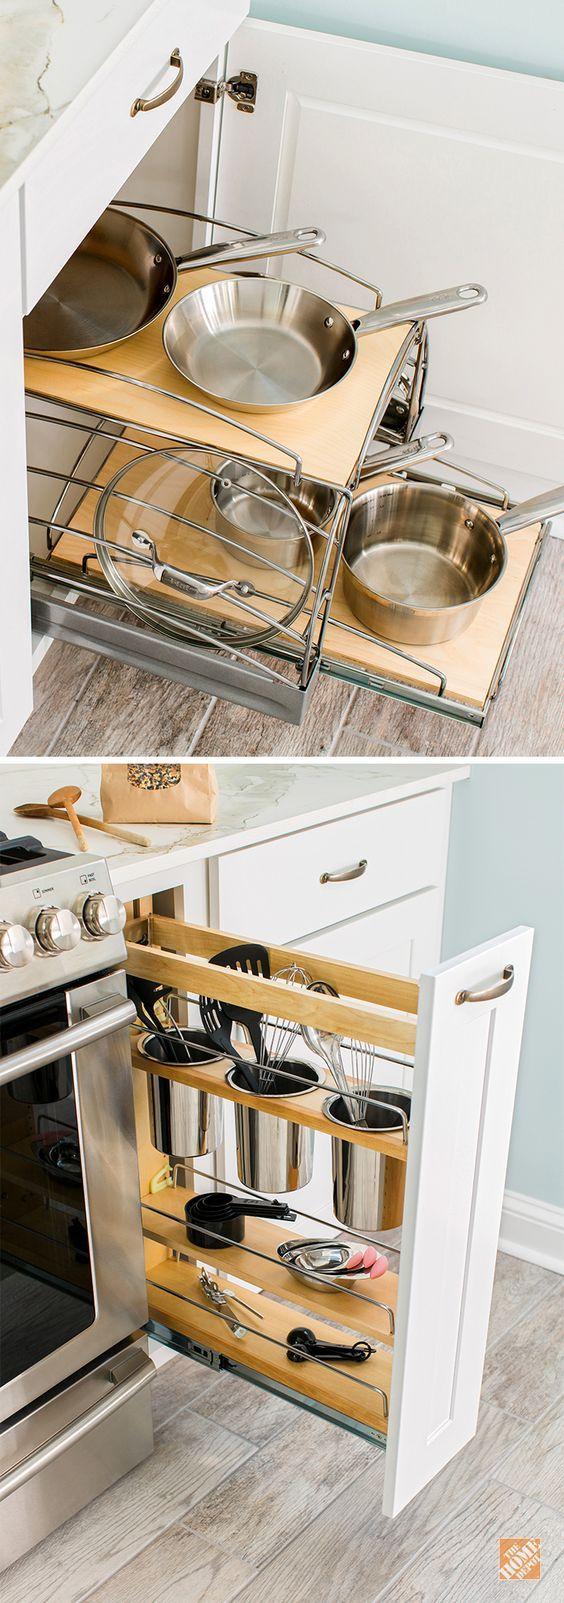 Kitchen storage solutions thomasville cabinets and for Small kitchen wall storage solutions